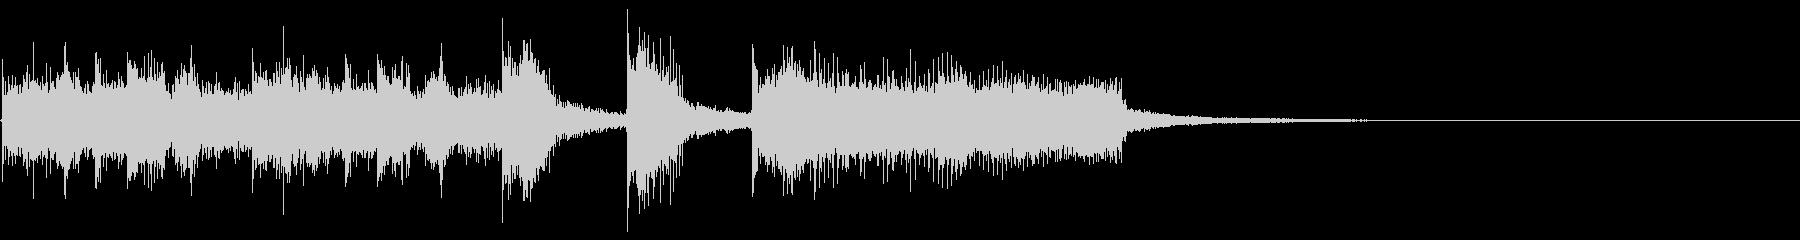 ジングル・アイキャッチ_A(コミカル)の未再生の波形